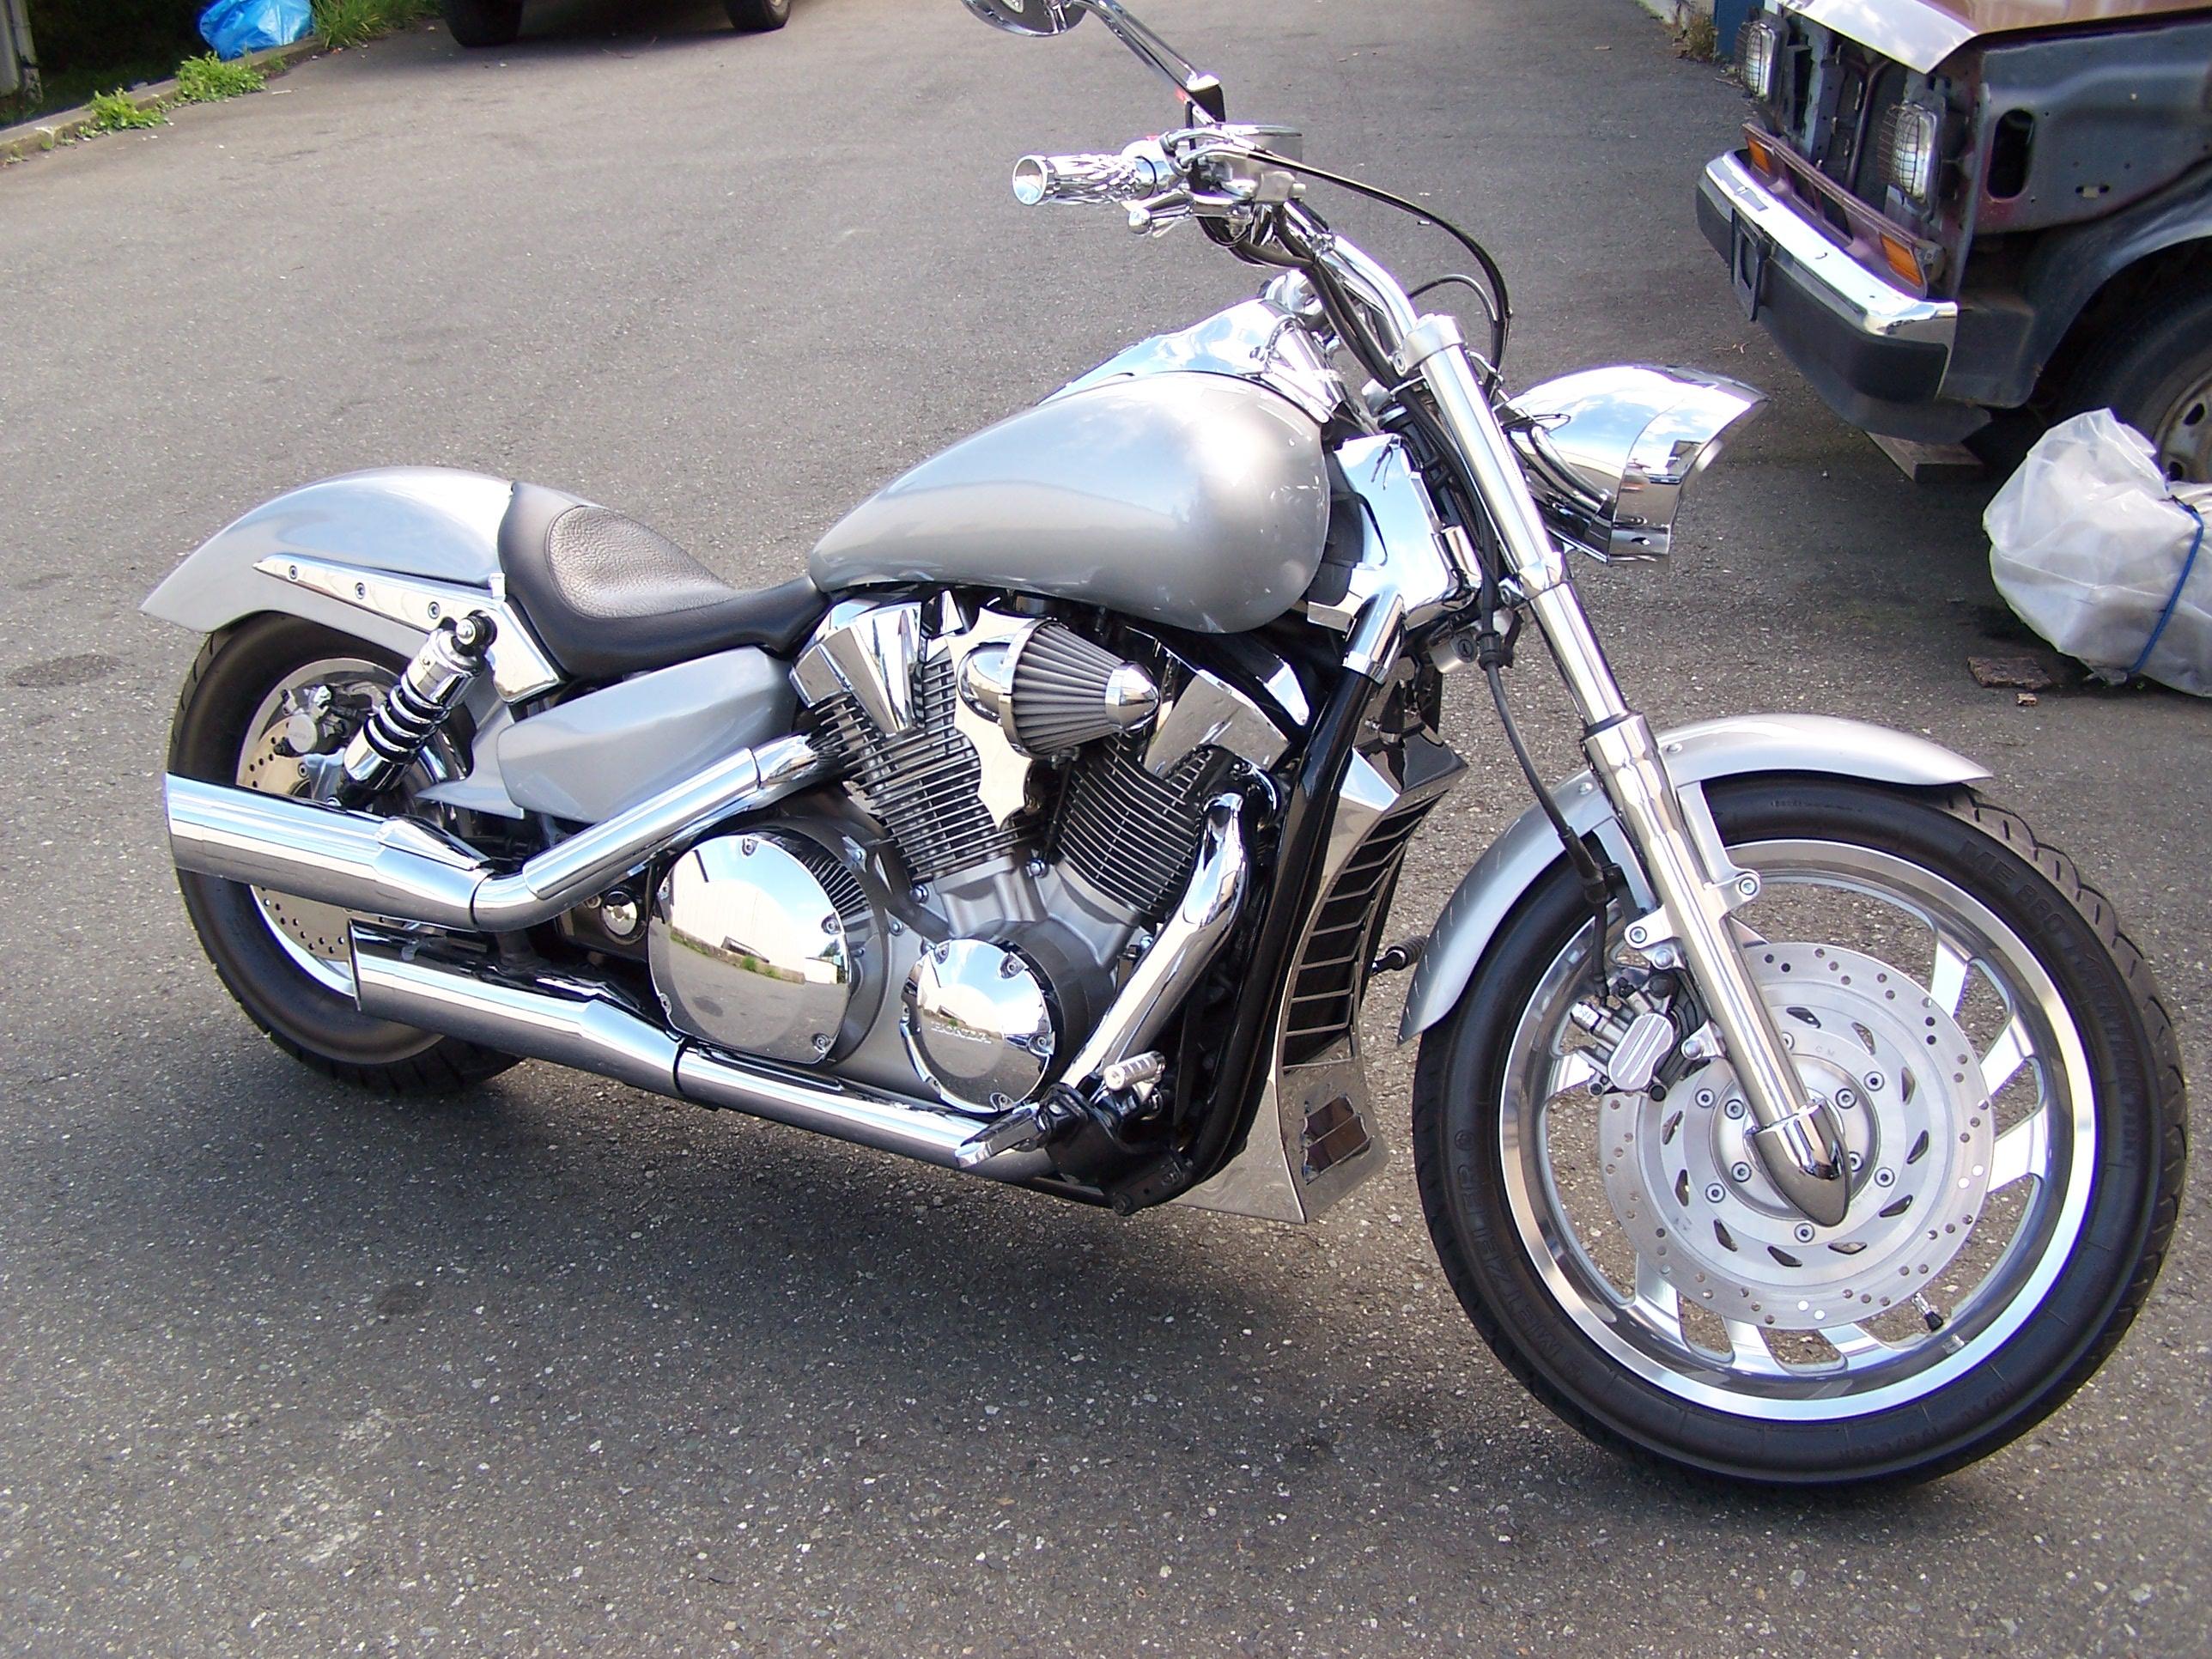 kens-custom-honda-004